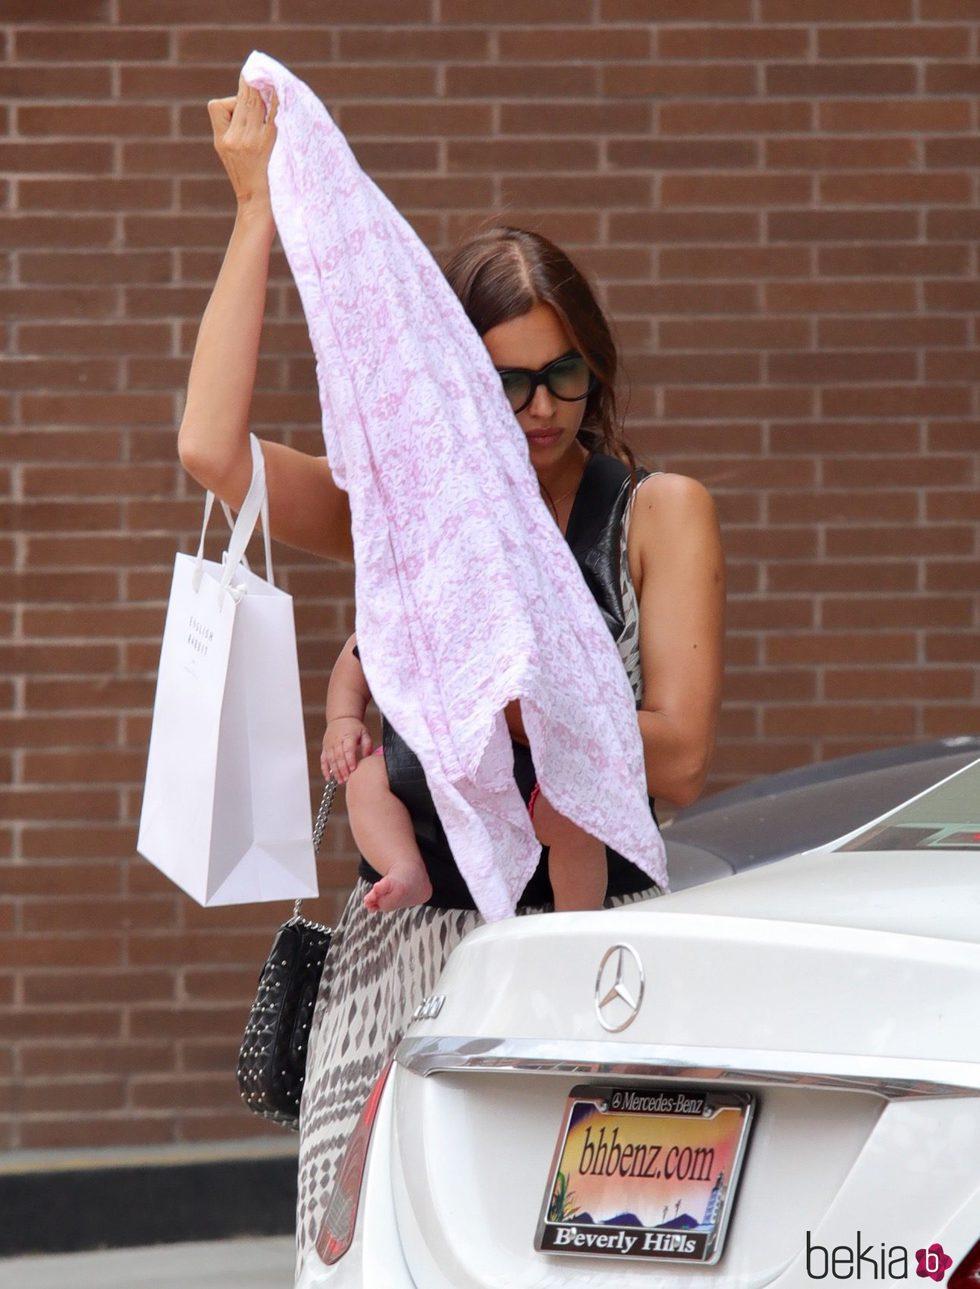 Irina Shayk ocultando a su bebé tras una manta